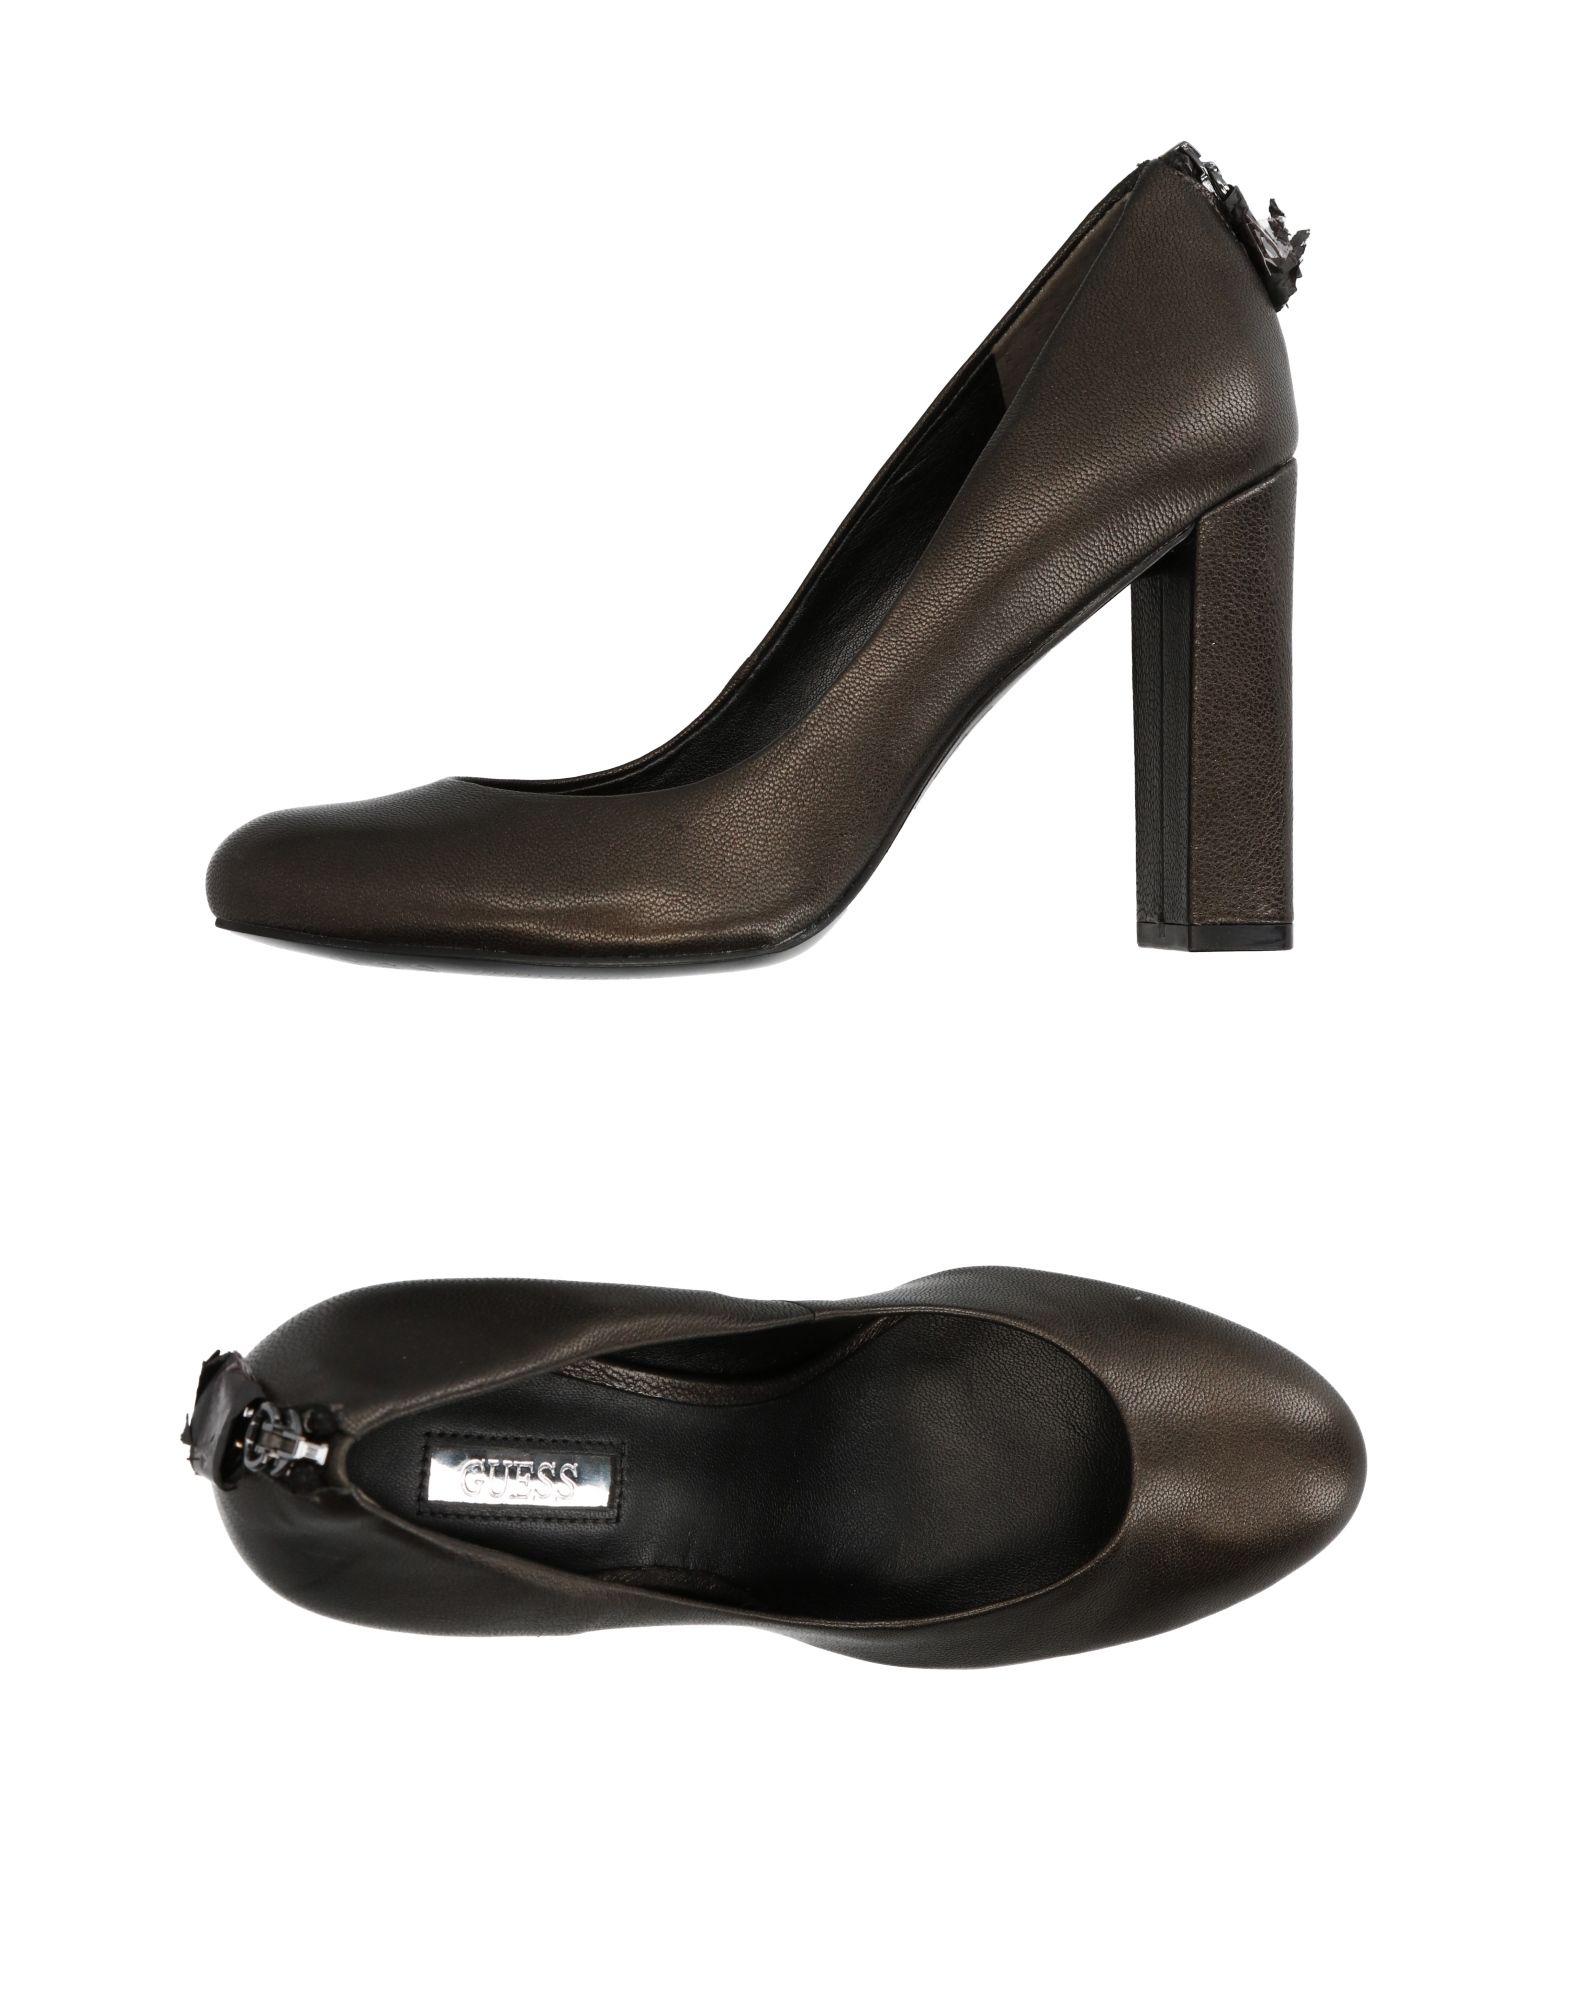 Guess Pumps Damen  11288040IJ 11288040IJ 11288040IJ Gute Qualität beliebte Schuhe 84dc90